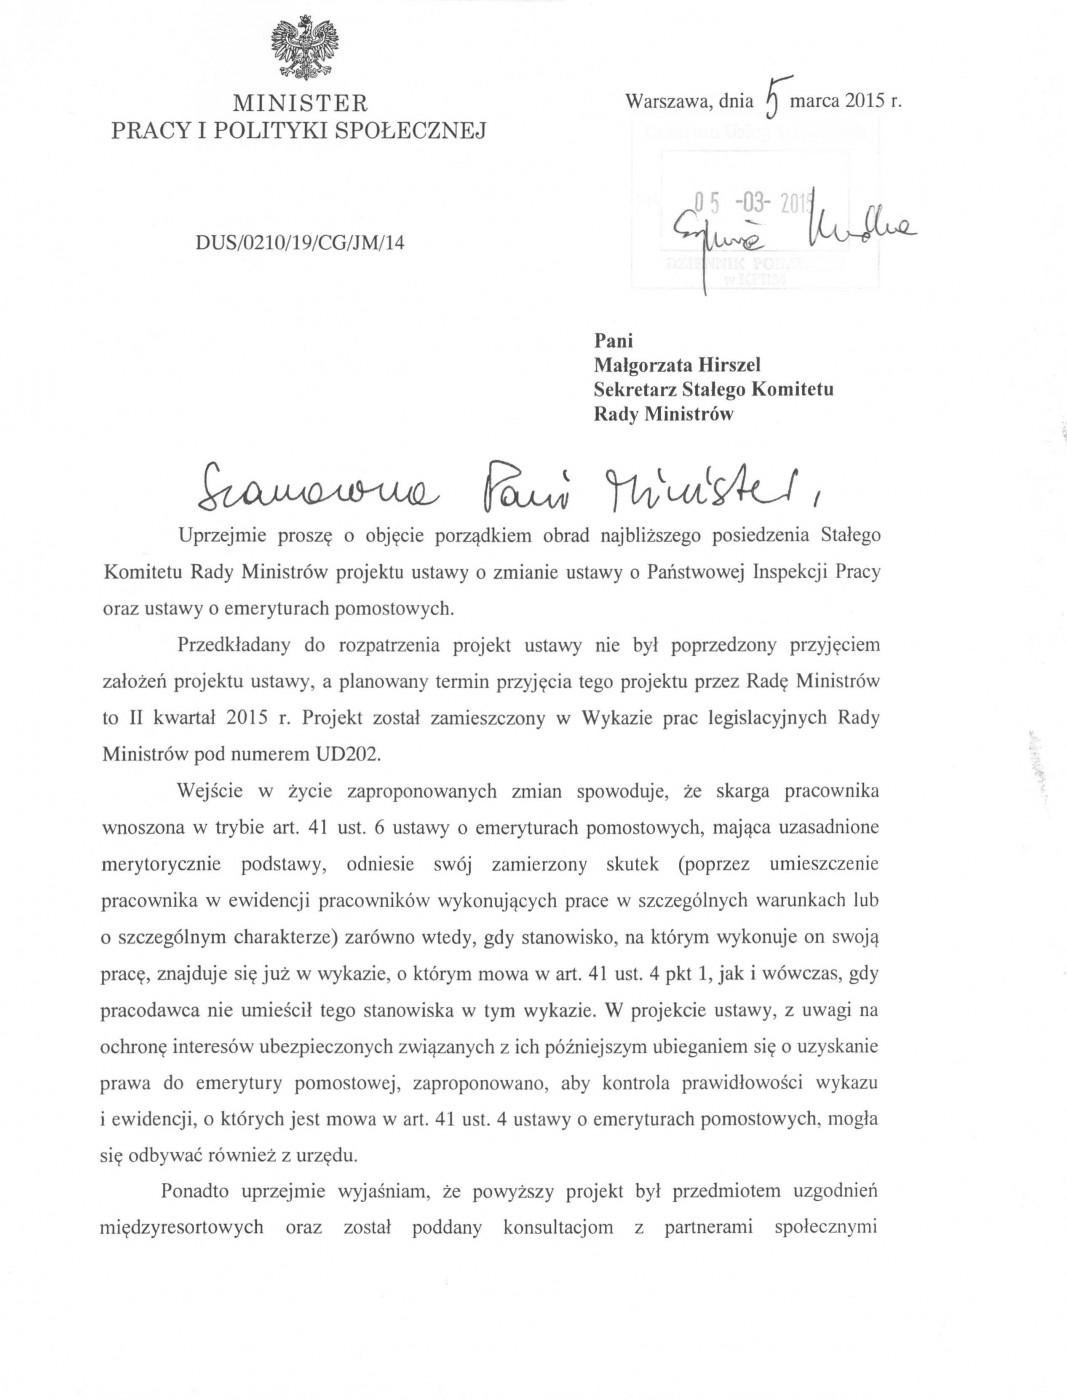 pismo MPIPS na KS RM z 5.0315_01